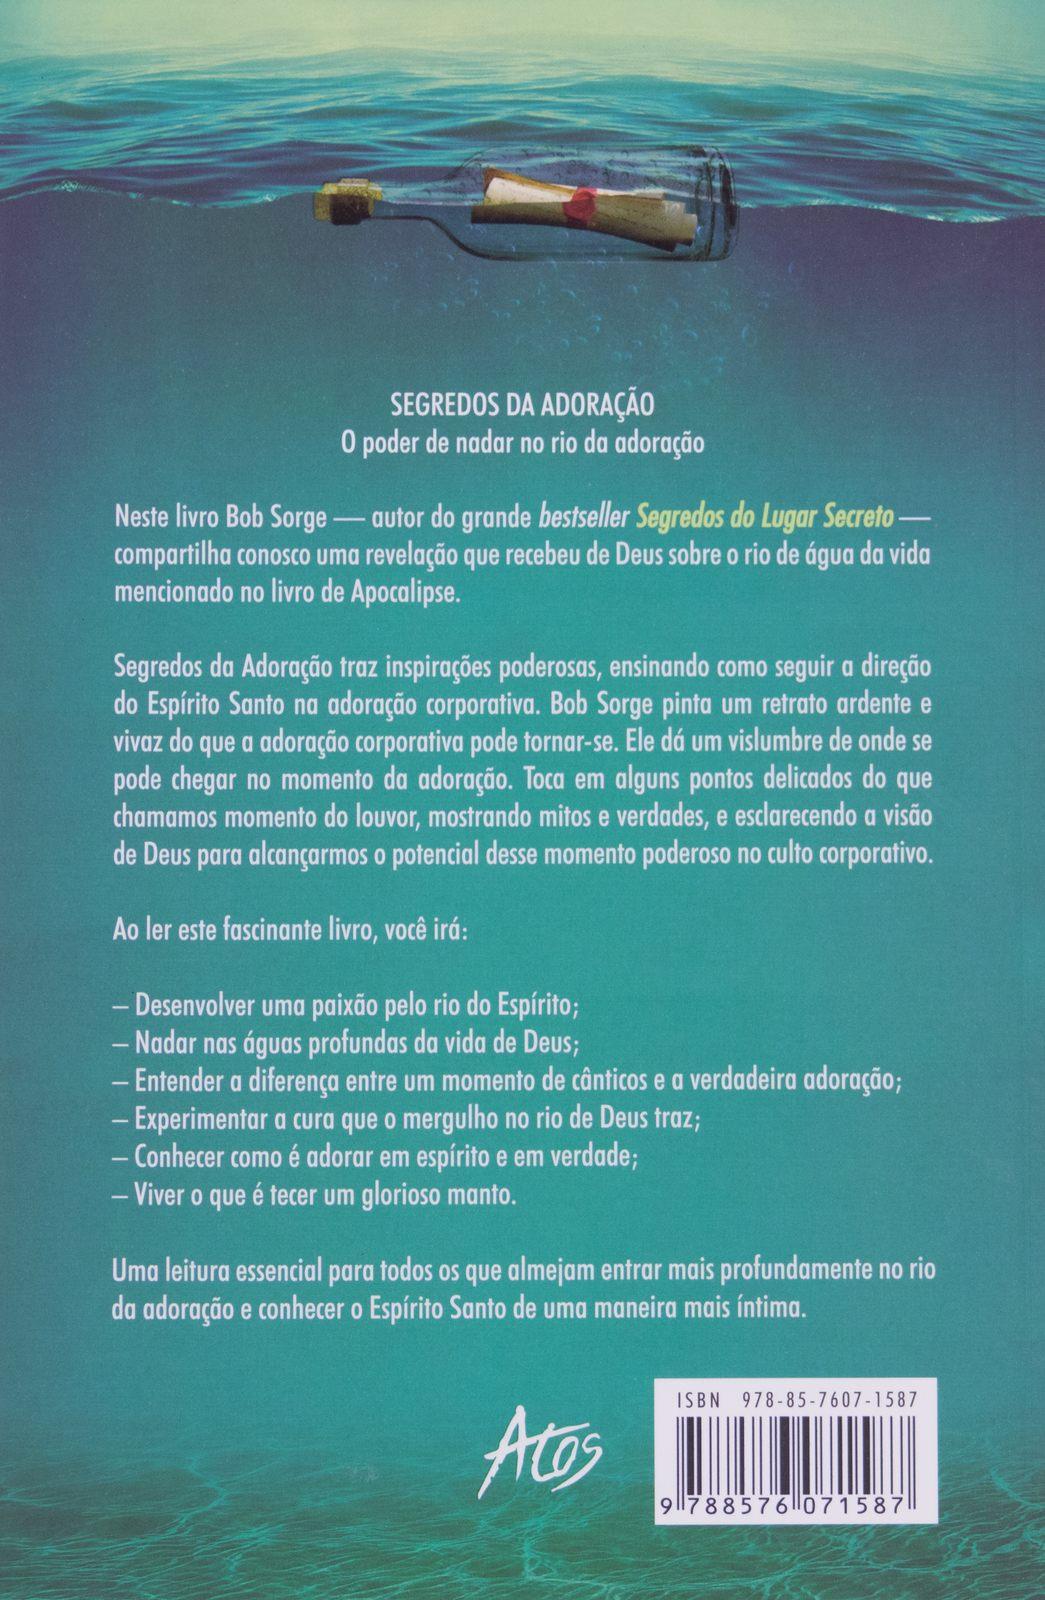 SEGREDOS DA ADORACAO